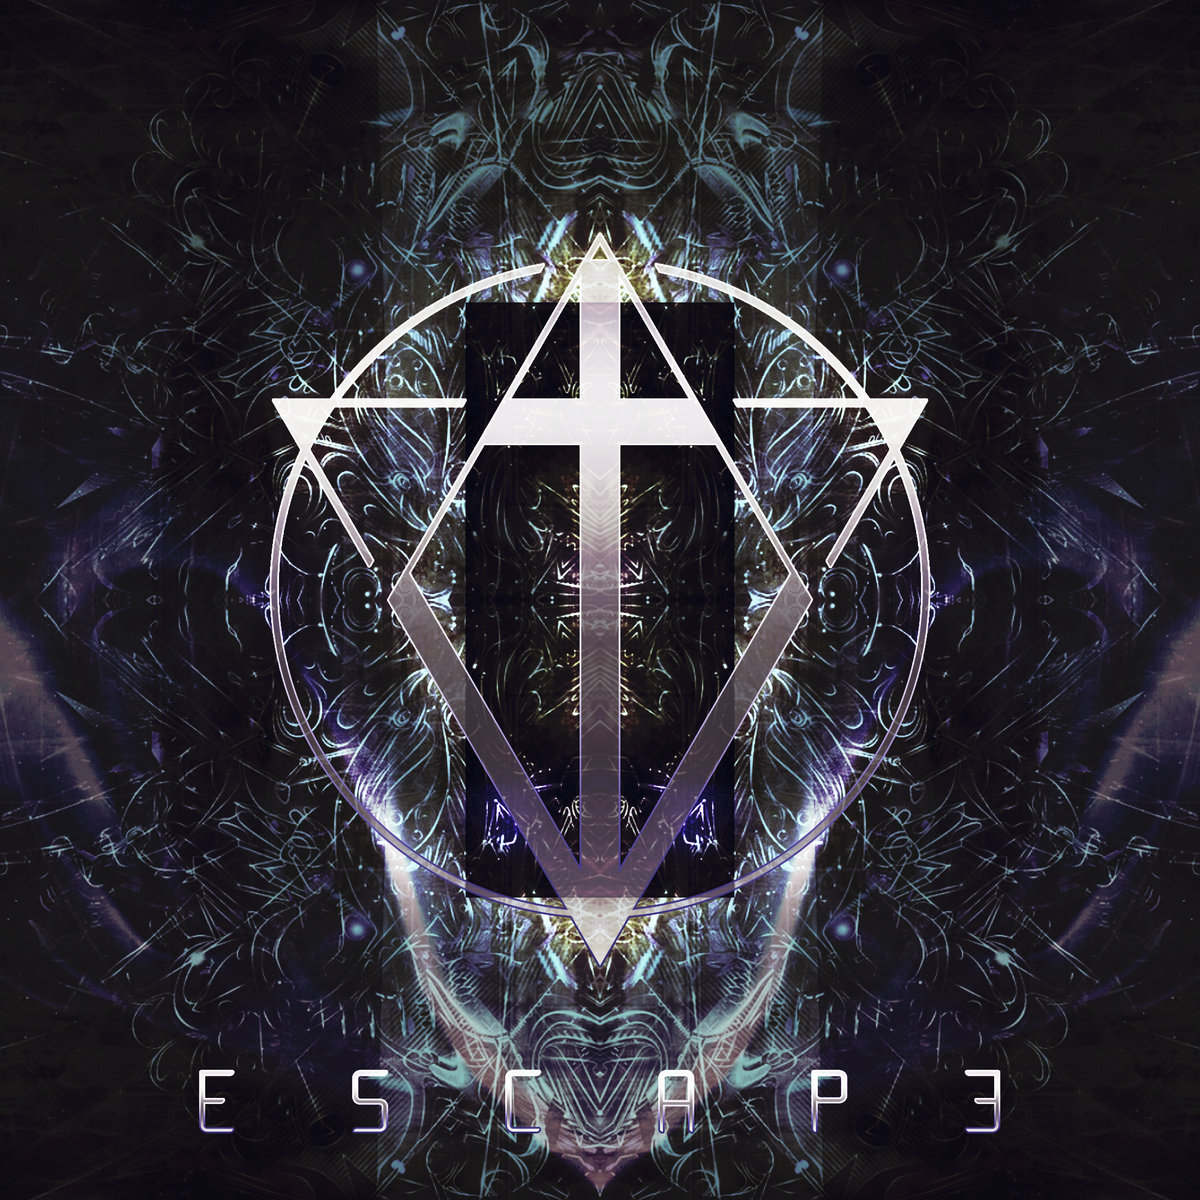 Violet7rip - escape